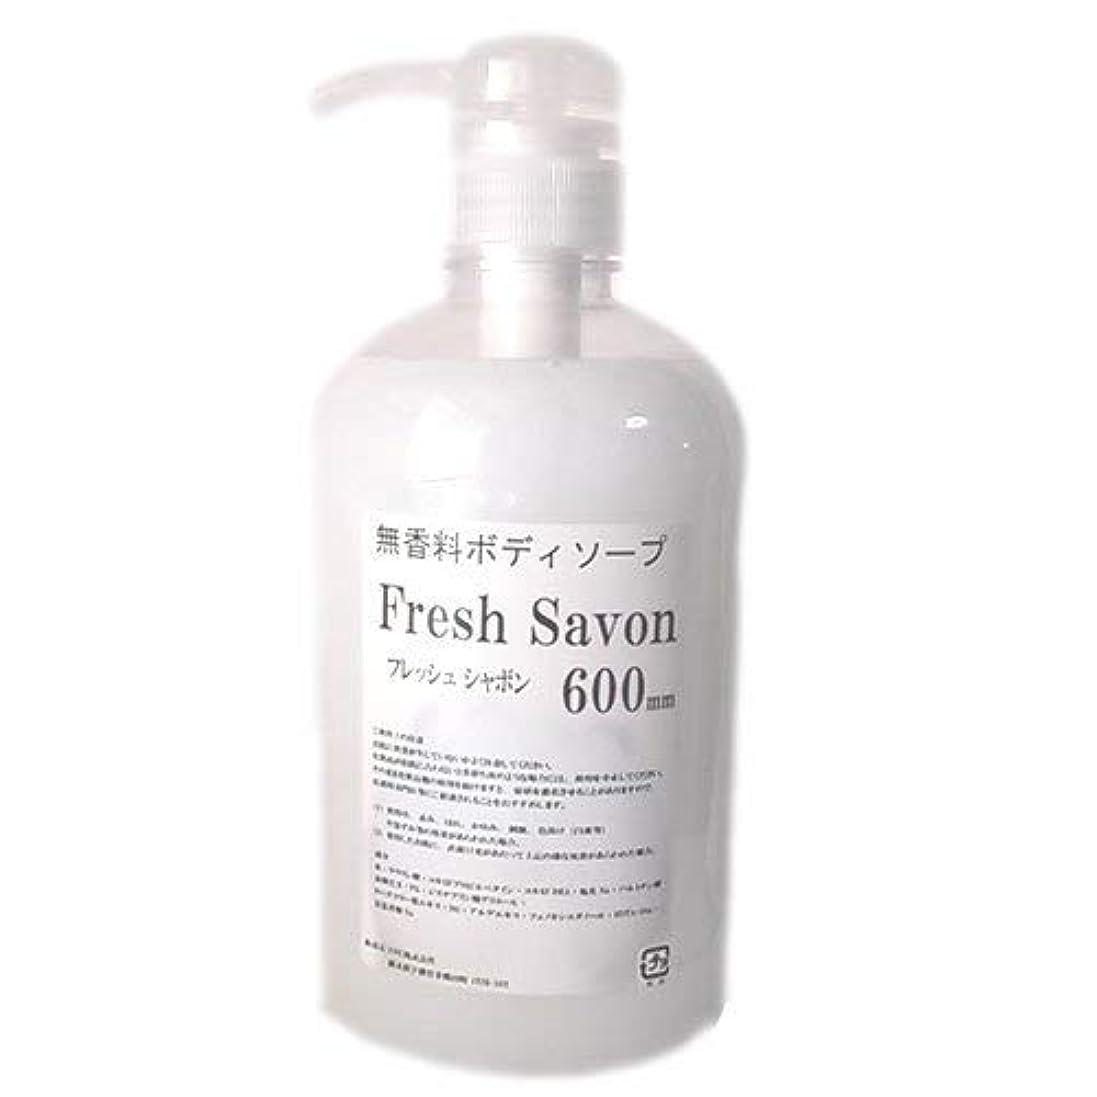 糞影響力のあるほかに無香料ボディソープ フレッシュシャボン 600mL 香りが残らないタイプ (3本セット)